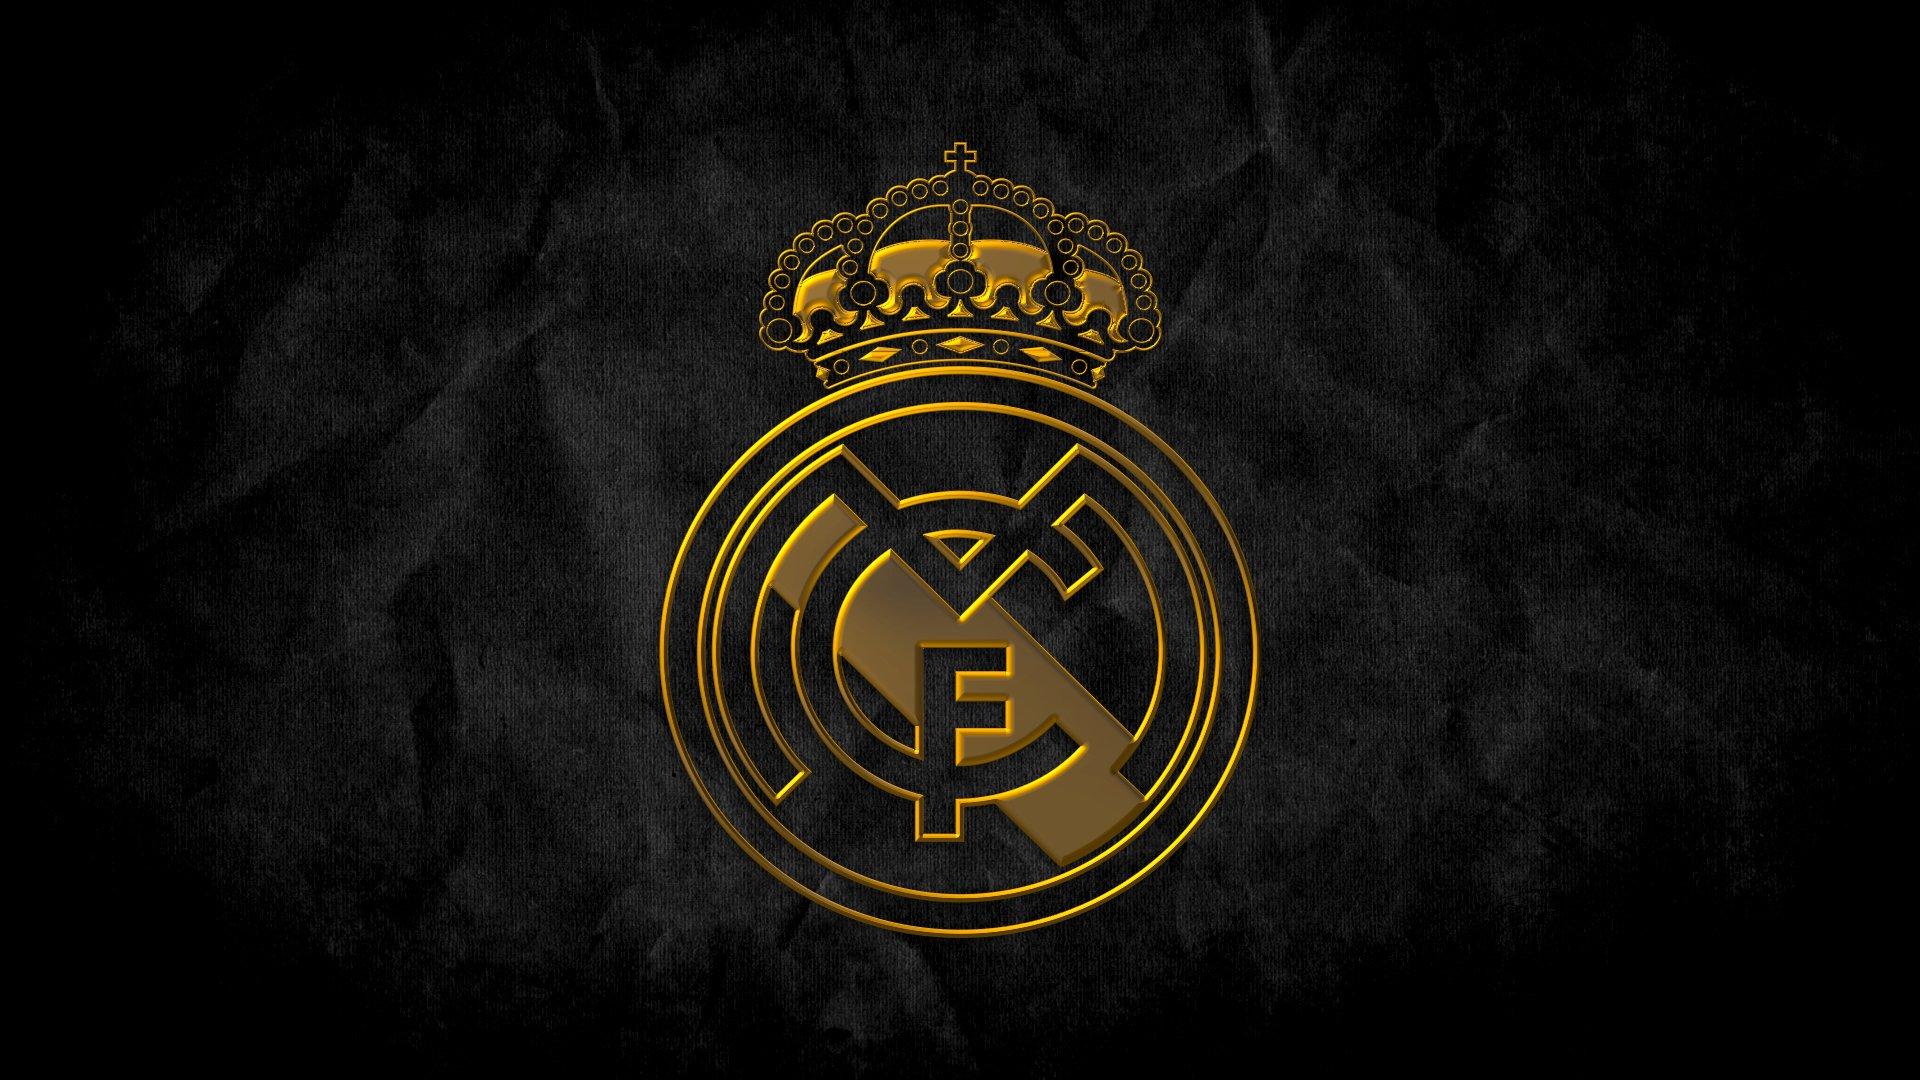 Real Madrid Cf Fondo De Pantalla Hd Fondo De Escritorio